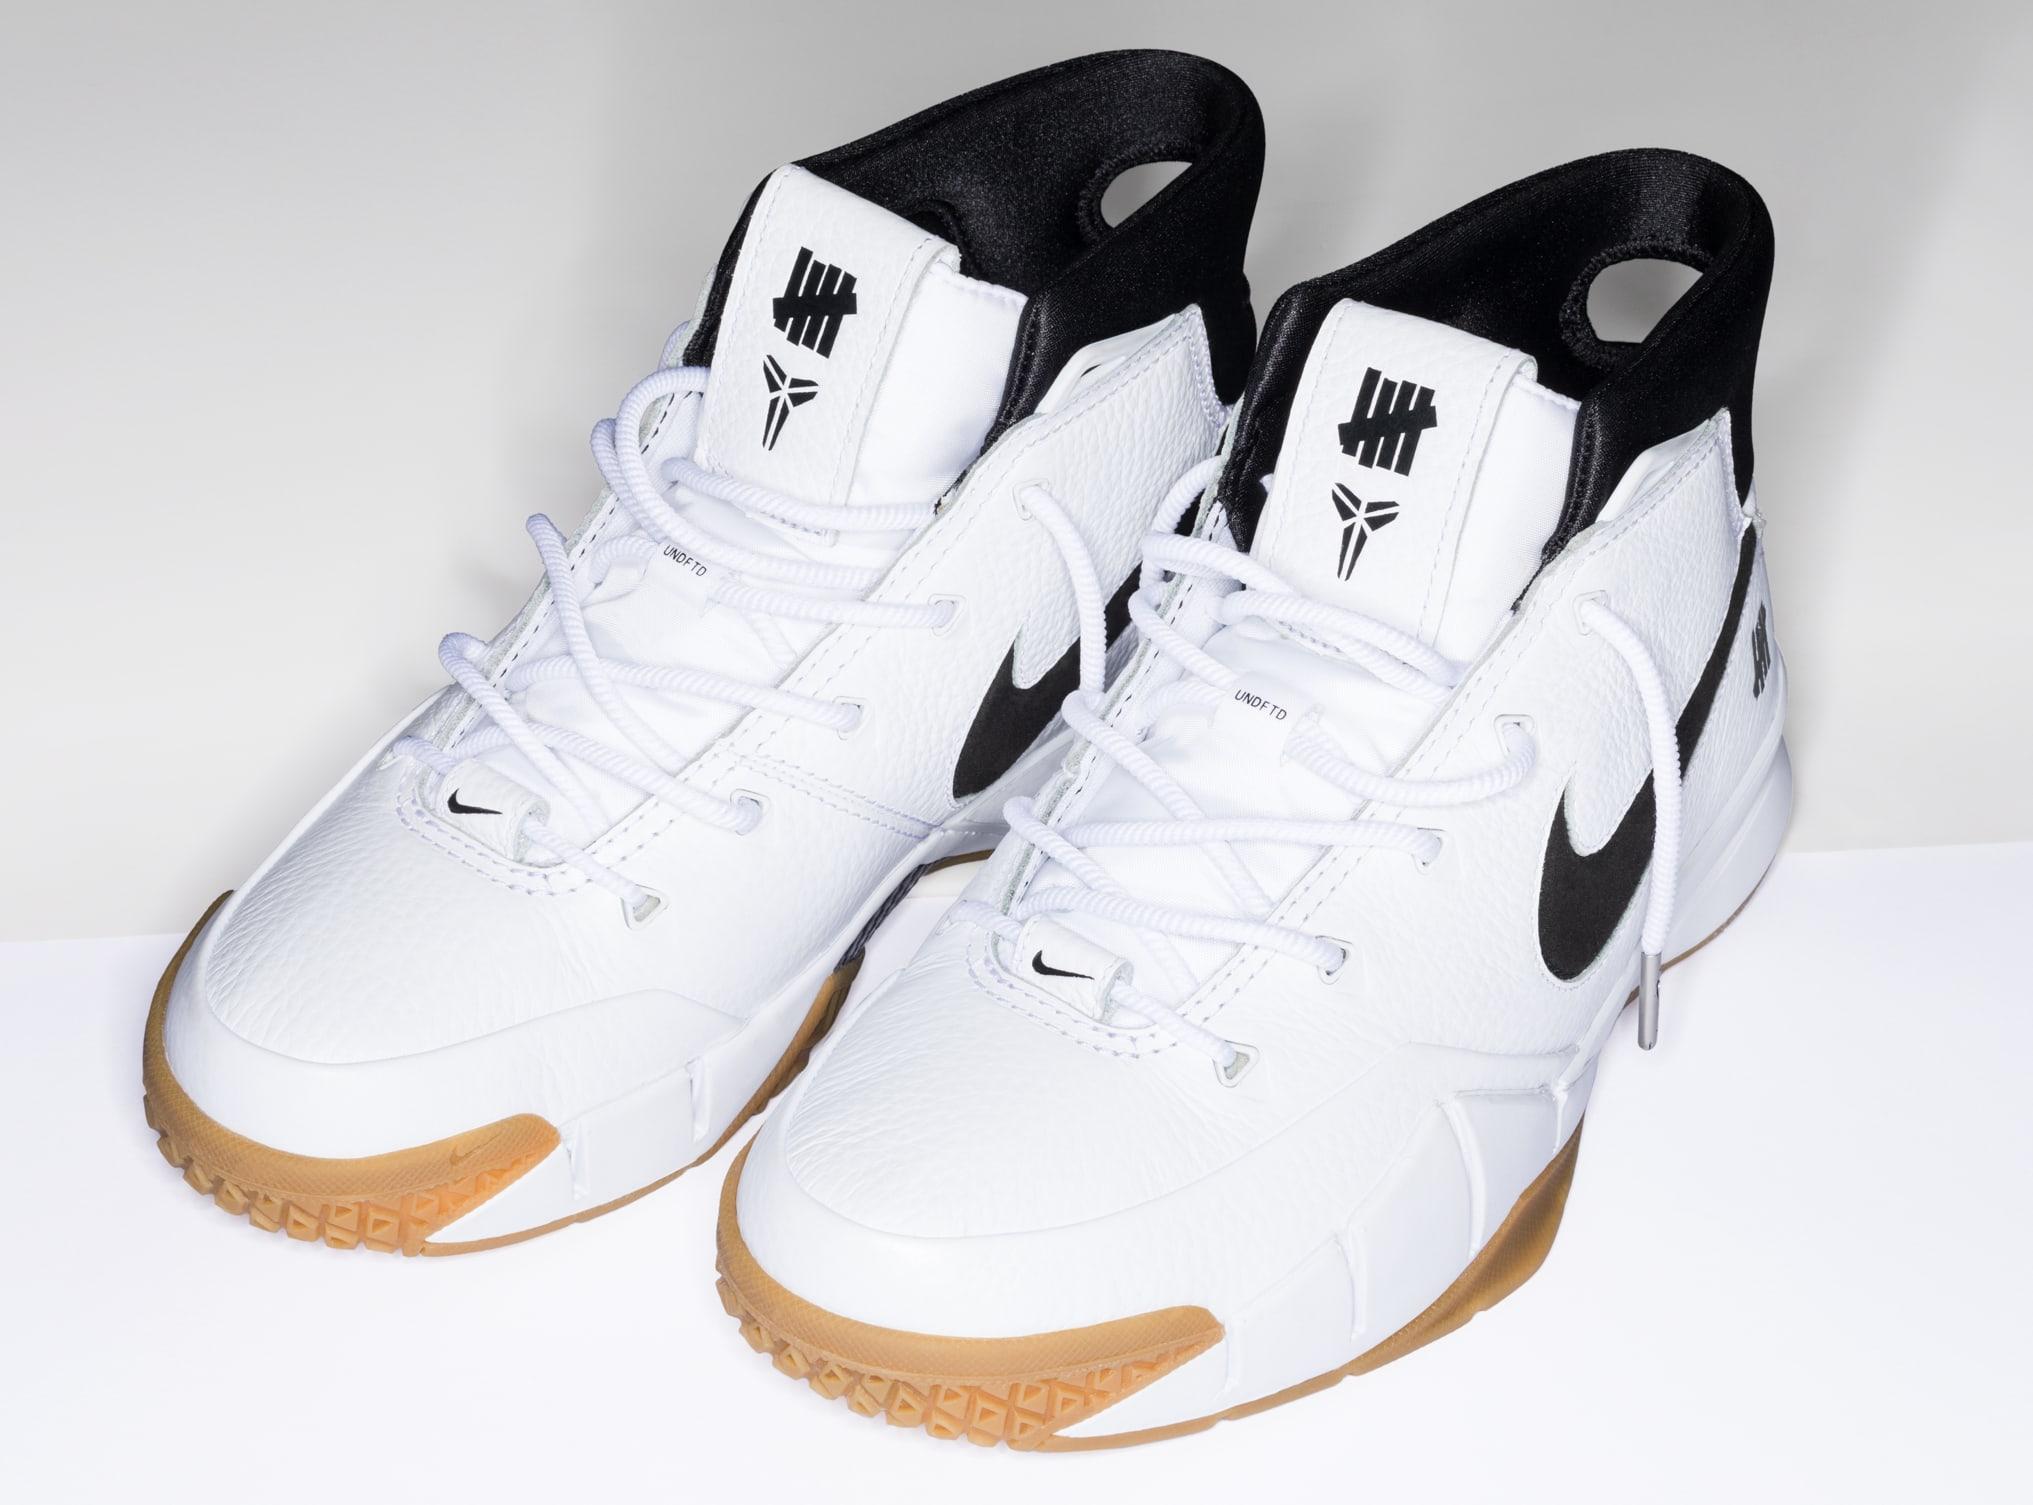 Undefeated x Nike Kobe 1 Protro 'White/Gum' 4